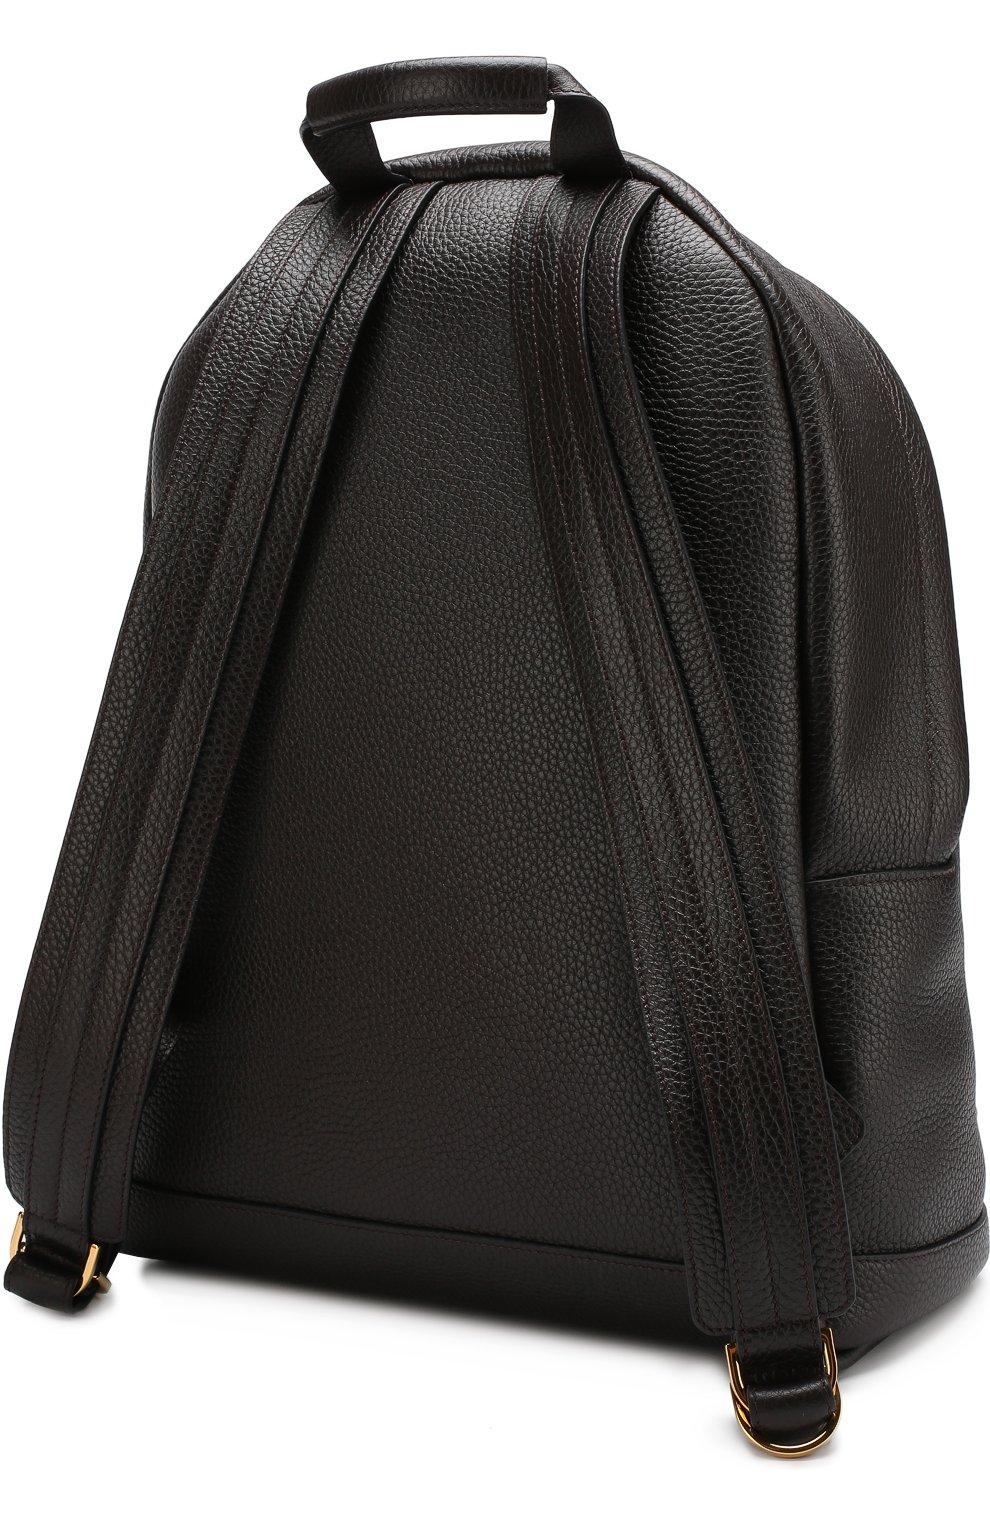 Мужской кожаный рюкзак TOM FORD темно-коричневого цвета, арт. H0250T-CG8 | Фото 3 (Материал: Натуральная кожа; Ремень/цепочка: На ремешке; Статус проверки: Проверено, Проверена категория)